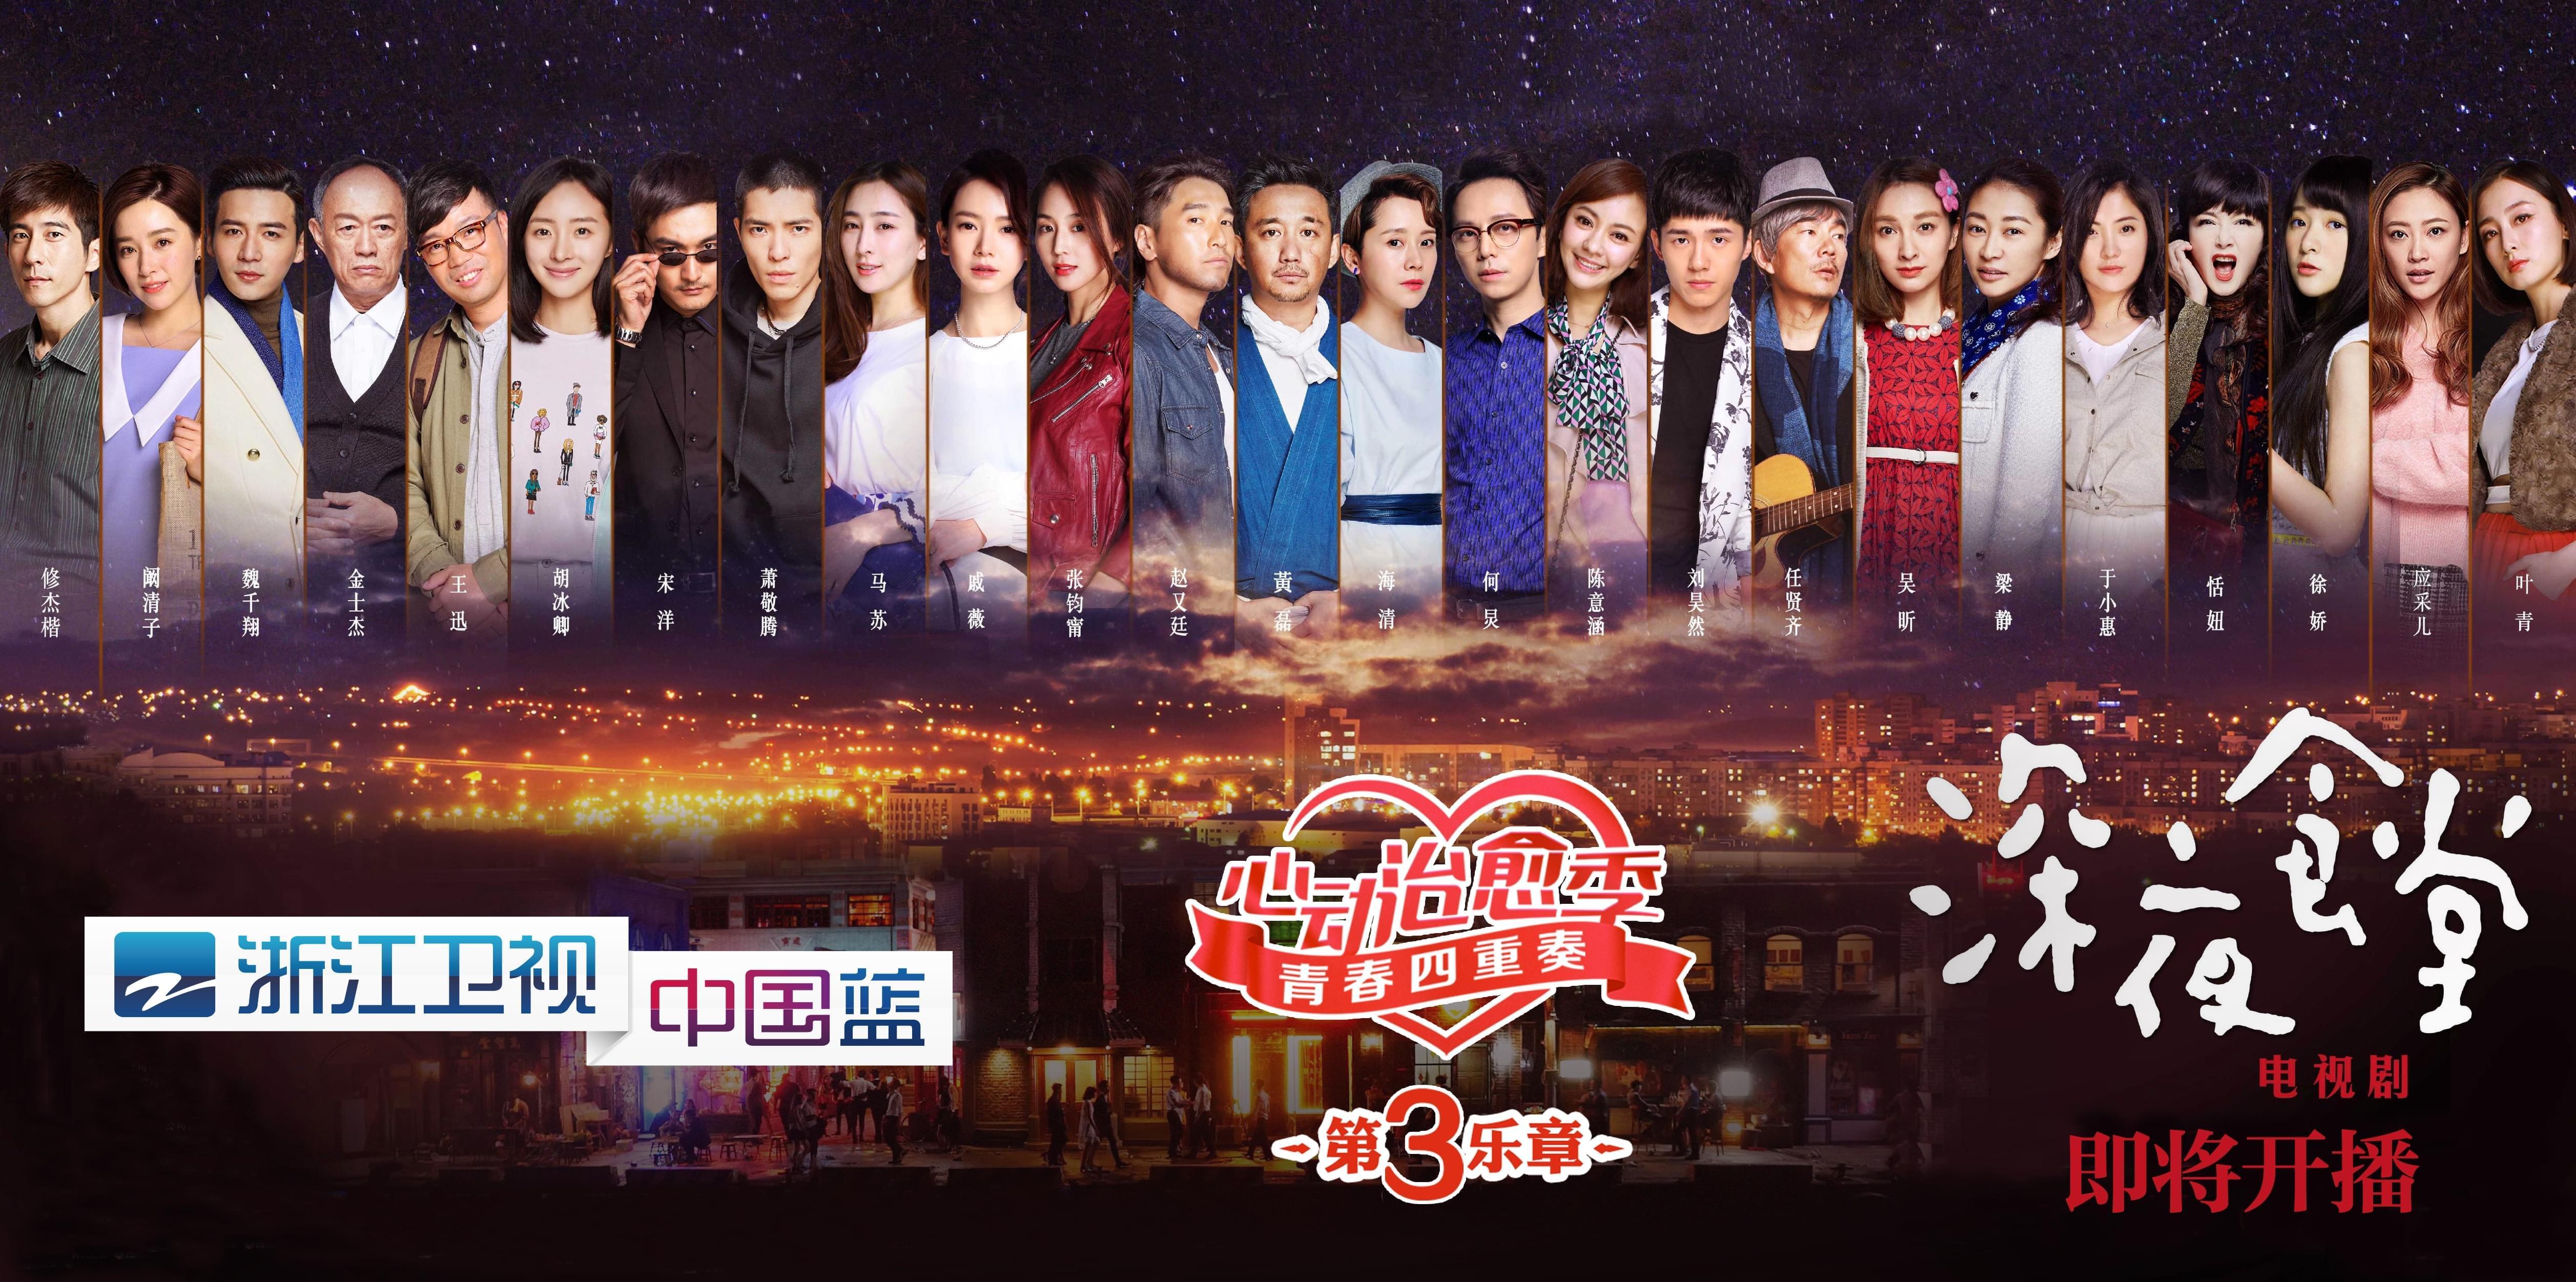 《深夜食堂》6.12登浙江 群星用美食慰藉心灵